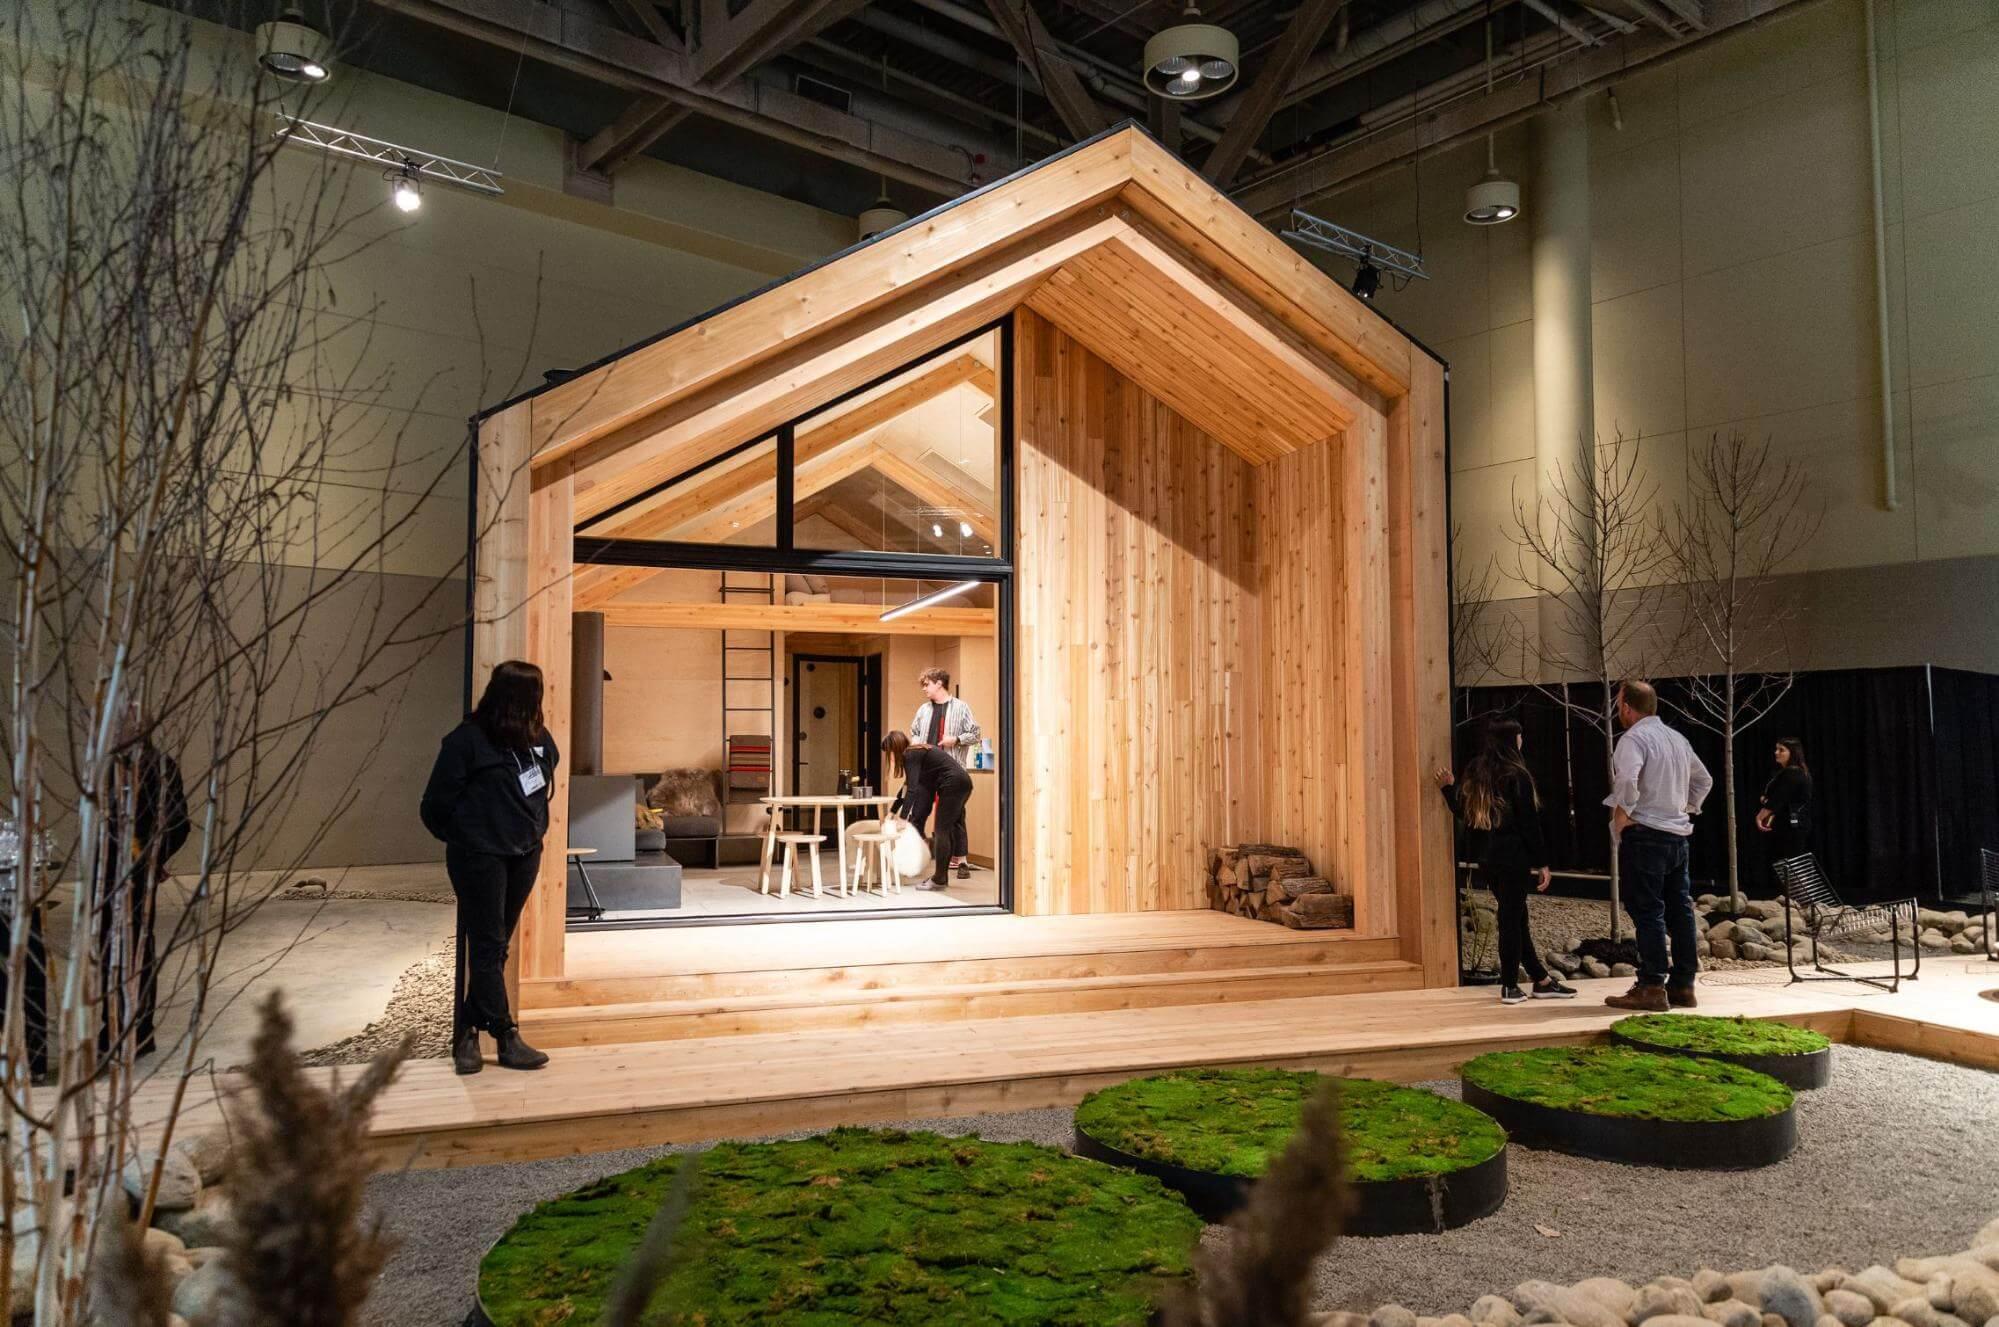 IDS is Canada's largest design fair revolving around interior design